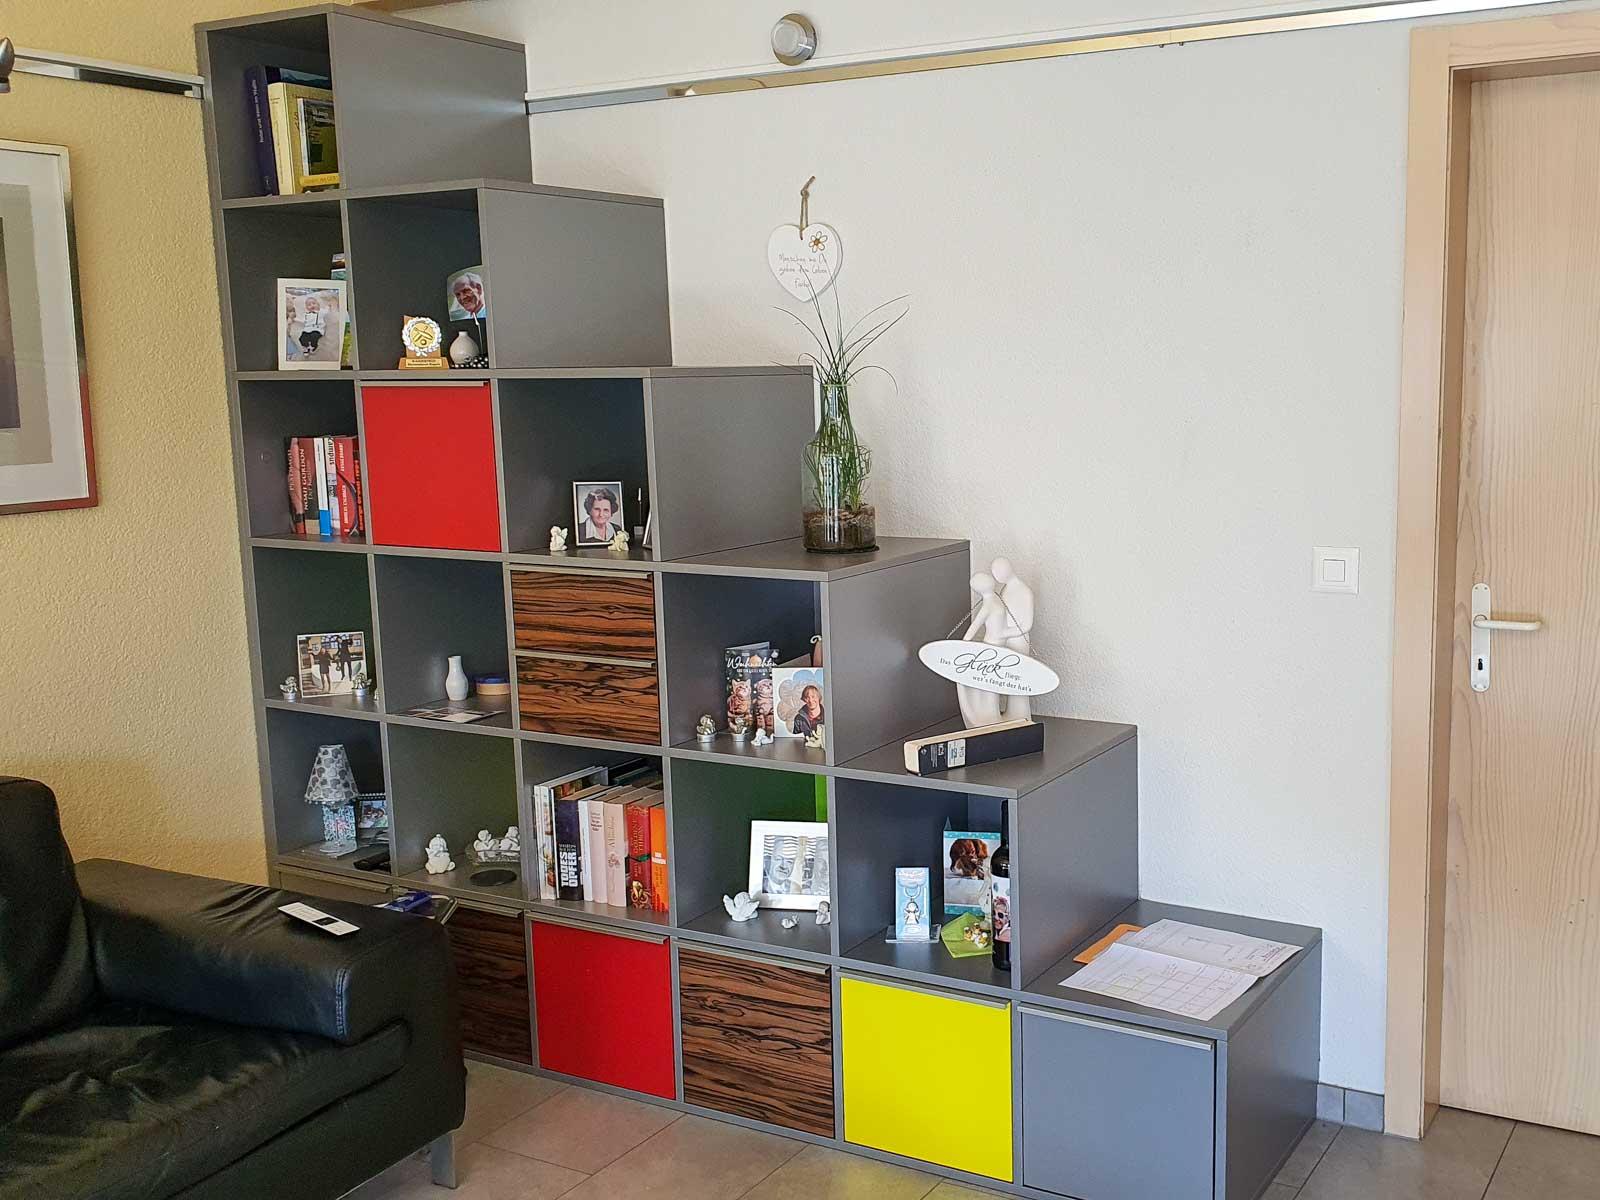 Wooddesign_Wohnzimmermöbel_Treppenform_fargig_Griffleisten_Weinkühler_Fernsehmöbel (1)